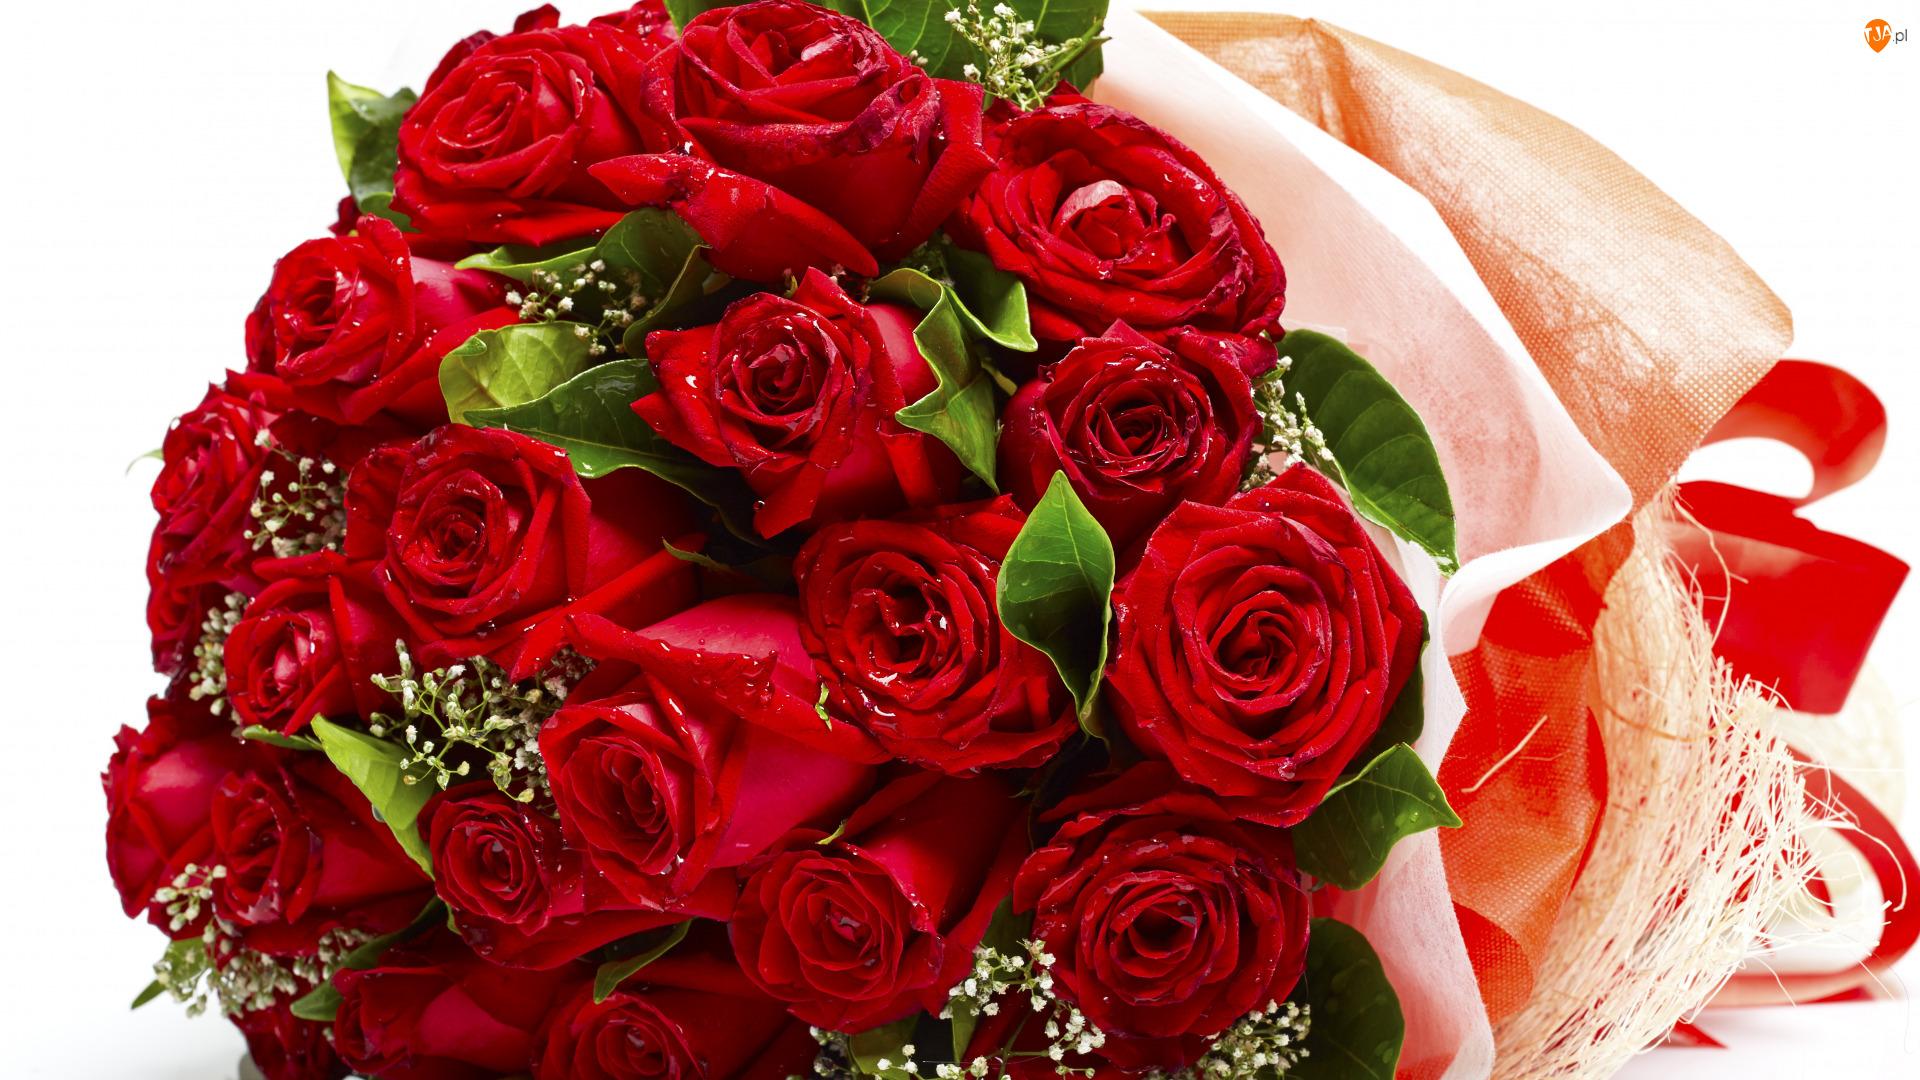 Róże, Kwiaty, Czerwone, Krople, Bukiet, Pąki